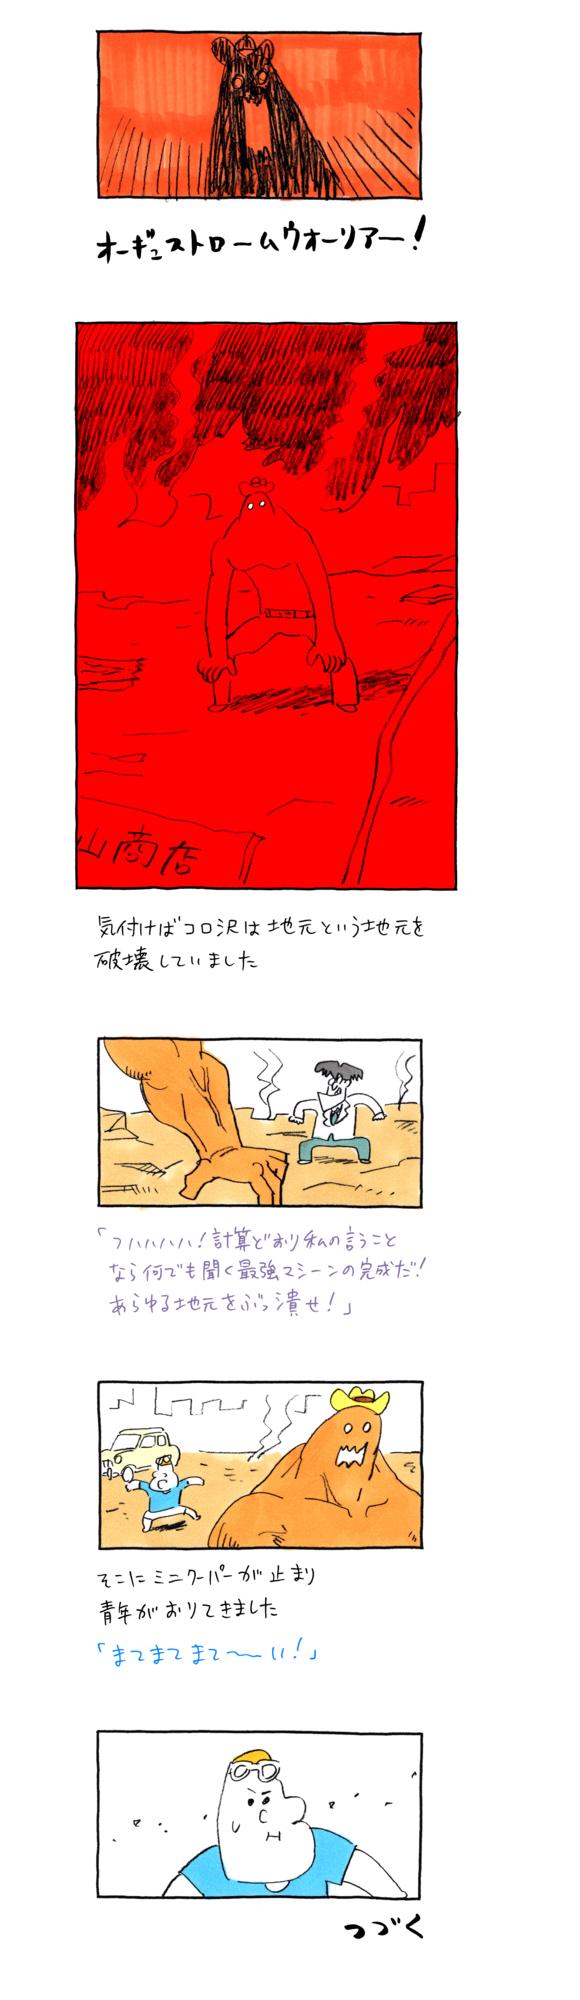 f:id:kakijiro:20160202154348j:plain